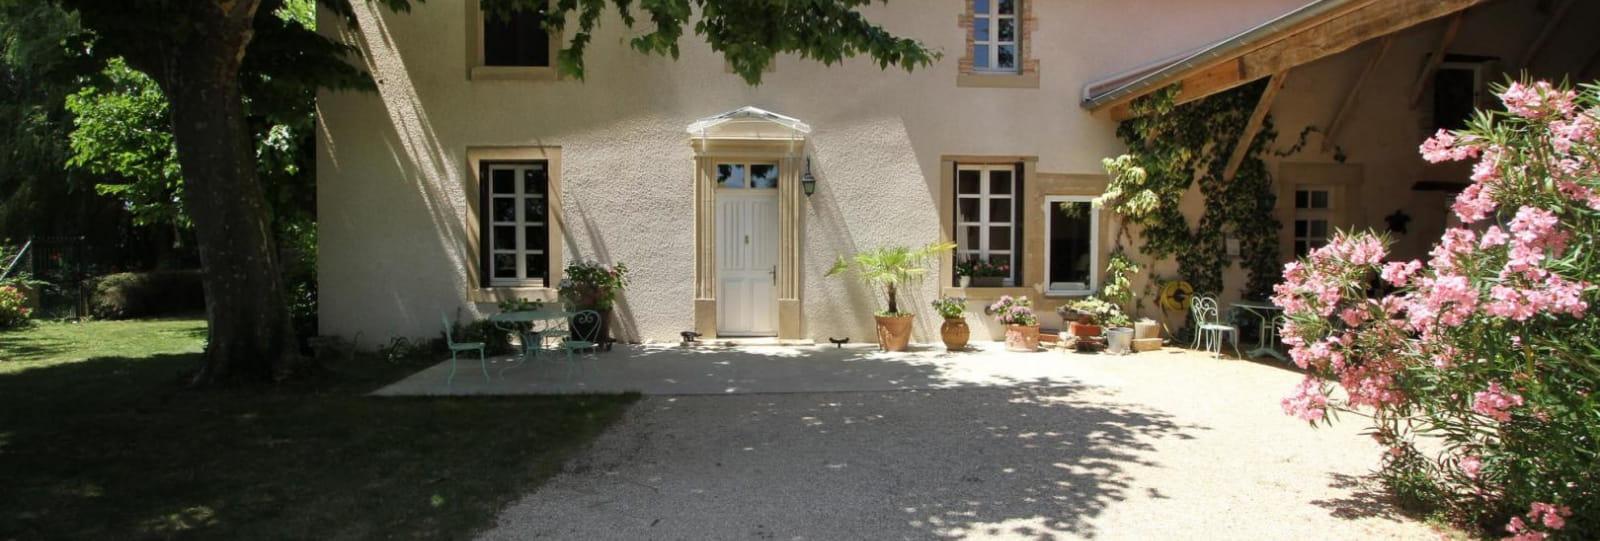 Chambre d'hôtes Domaine De La Source Chambon